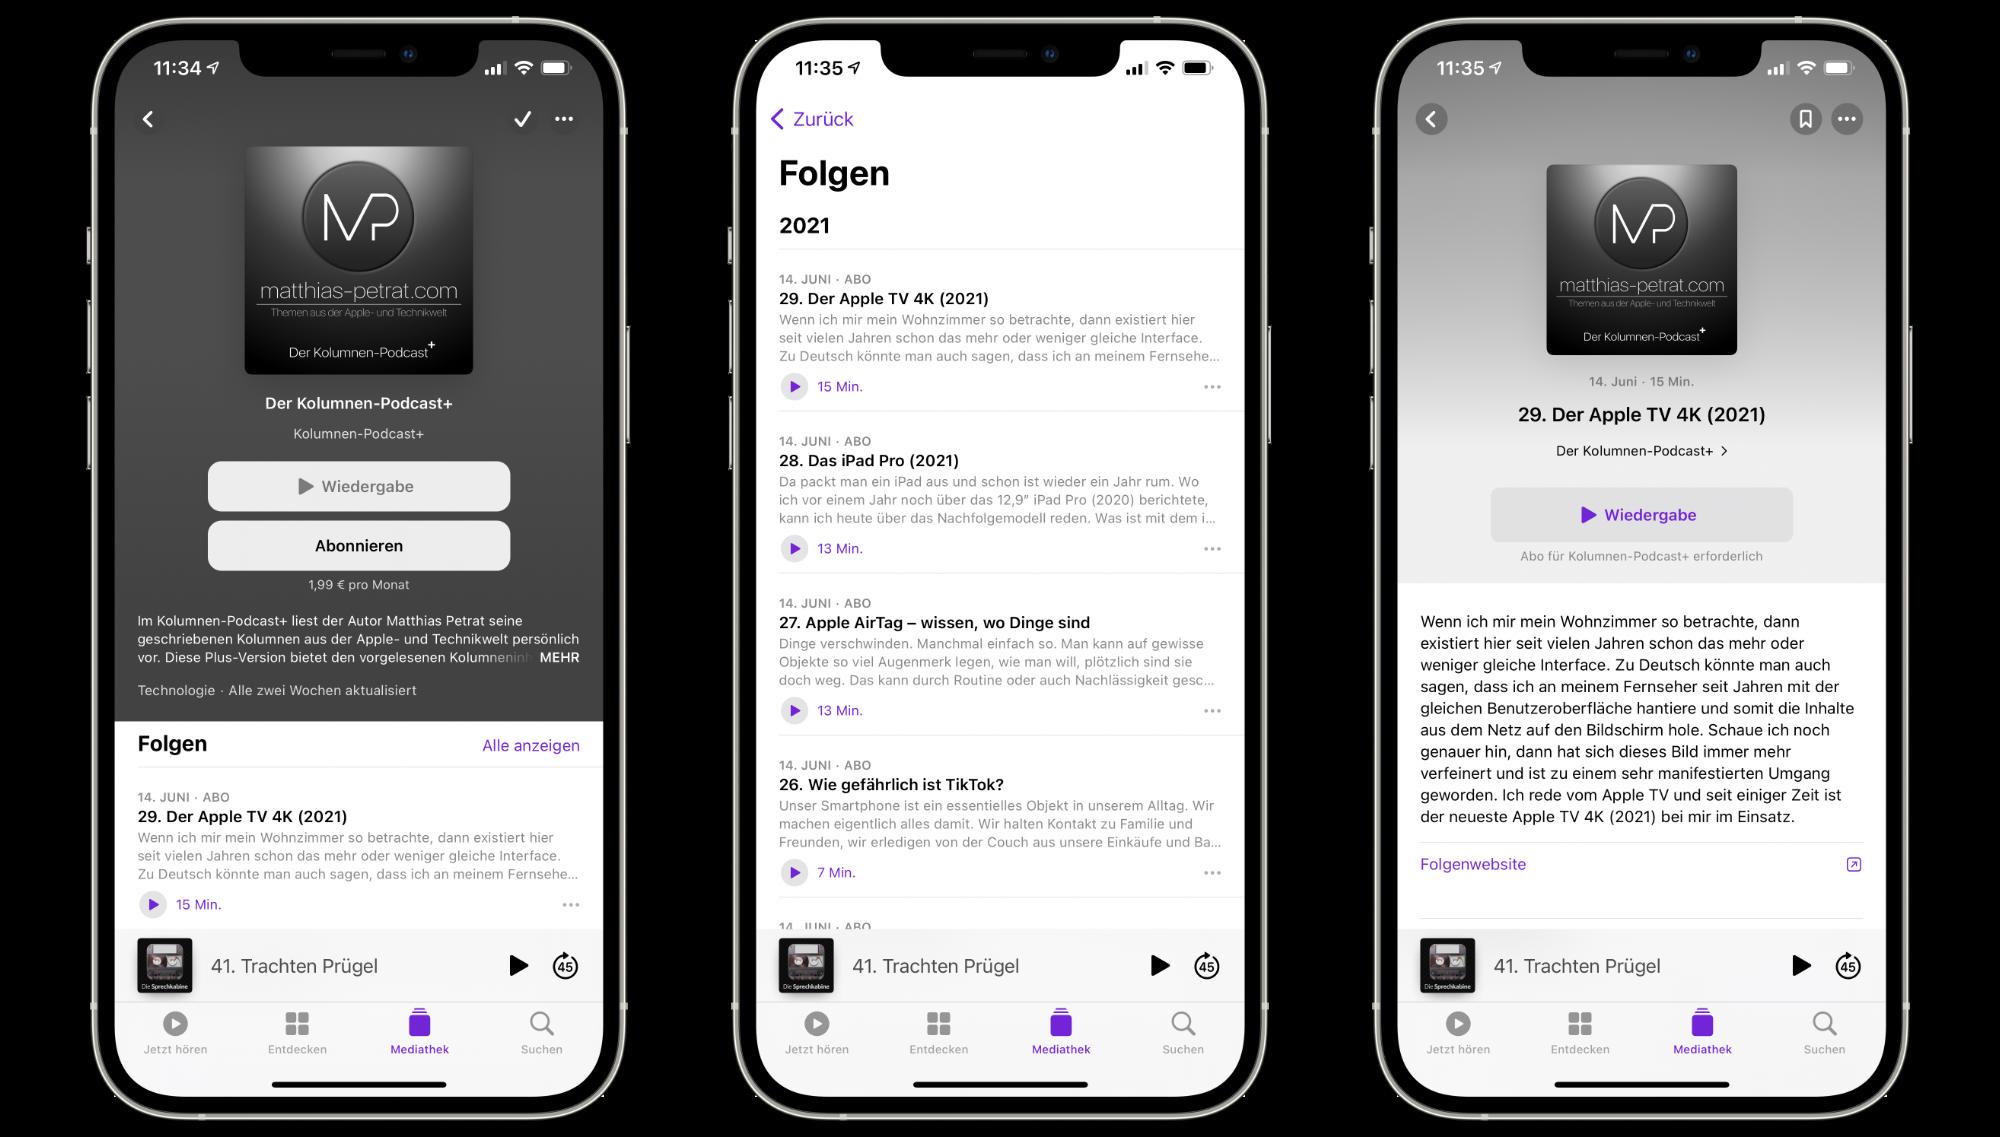 matthias-petrat-Kolumnen-Podcast-Abo-Apple2 Werbefreies Hören und früherer Episodenzugang: Der Kolumnen-Podcast+ ist da